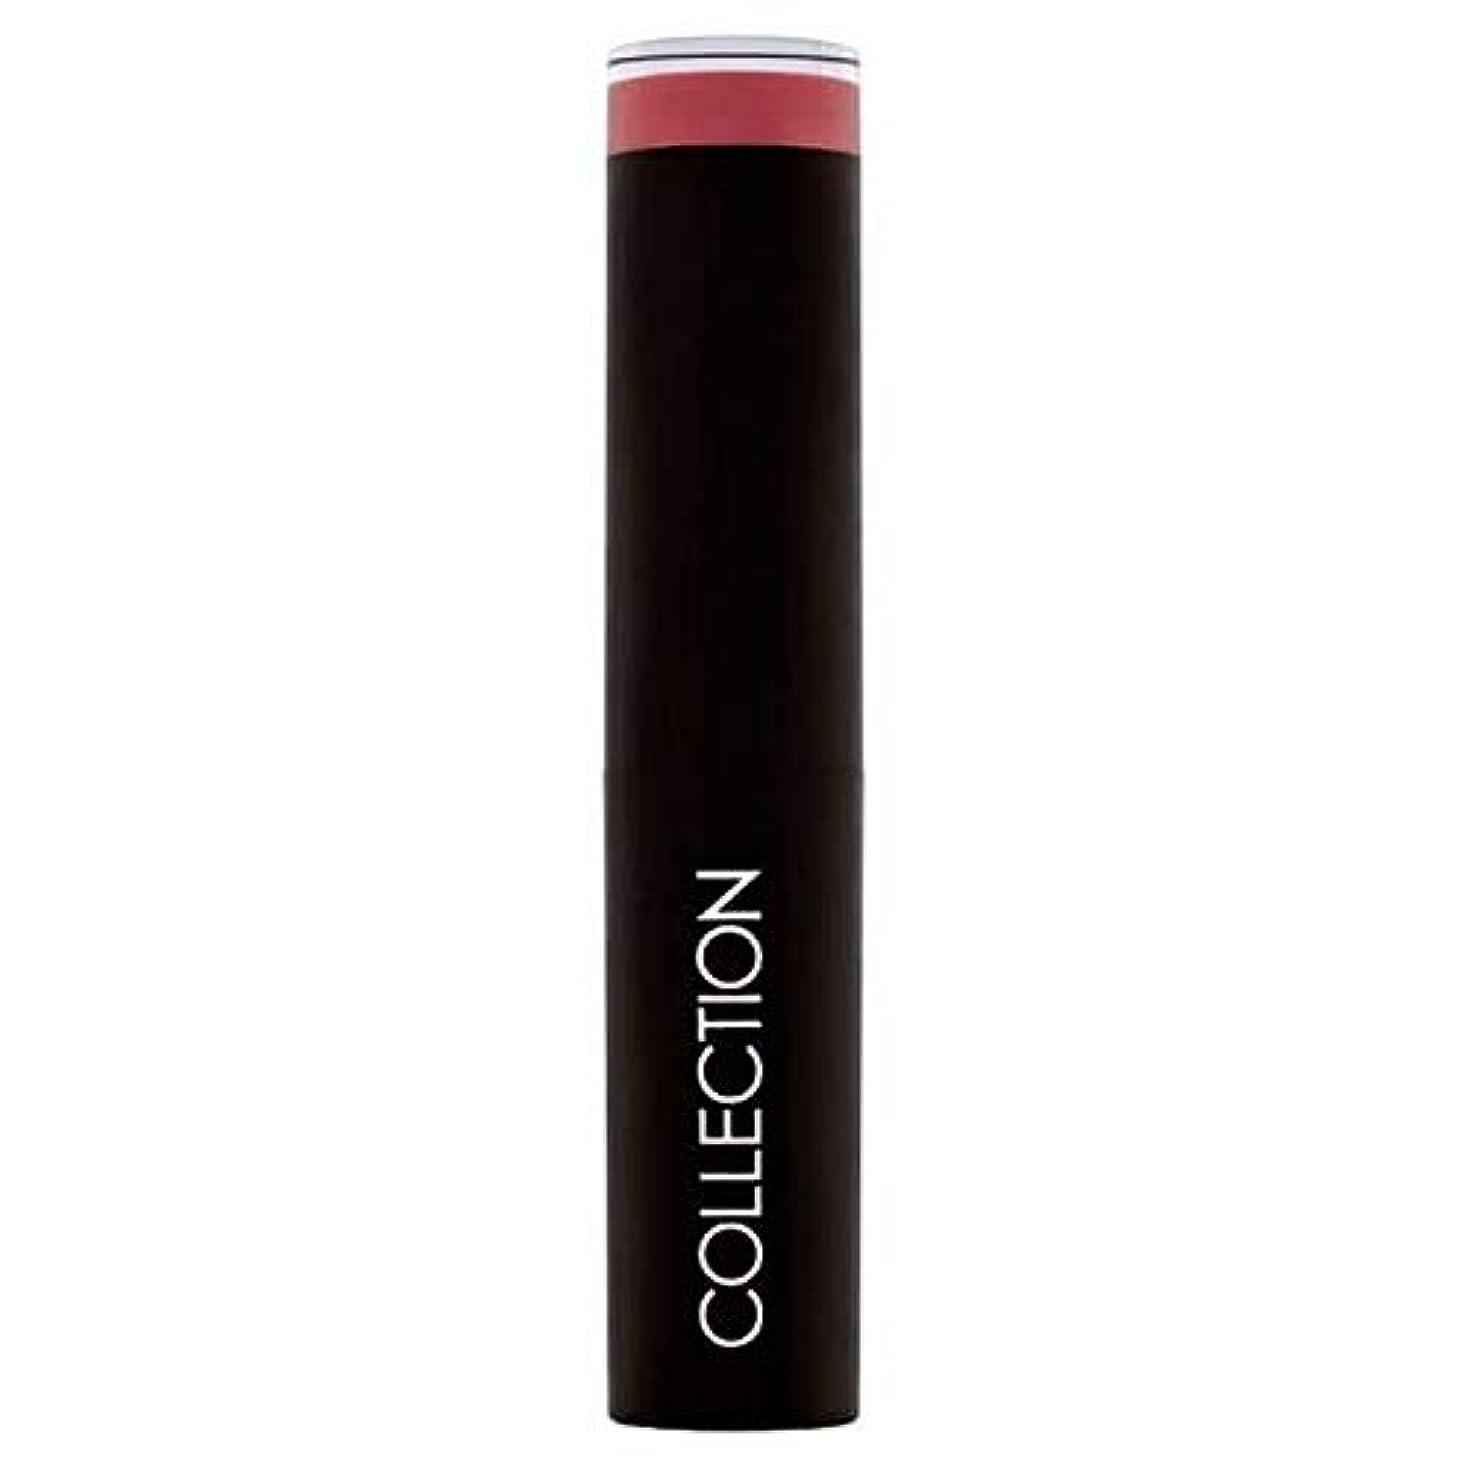 ヘルシー覆す保存する[Collection ] コレクション強烈な輝きゲル口紅破砕梅3 - Collection Intense Shine Gel Lipstick Crushed Plum 3 [並行輸入品]